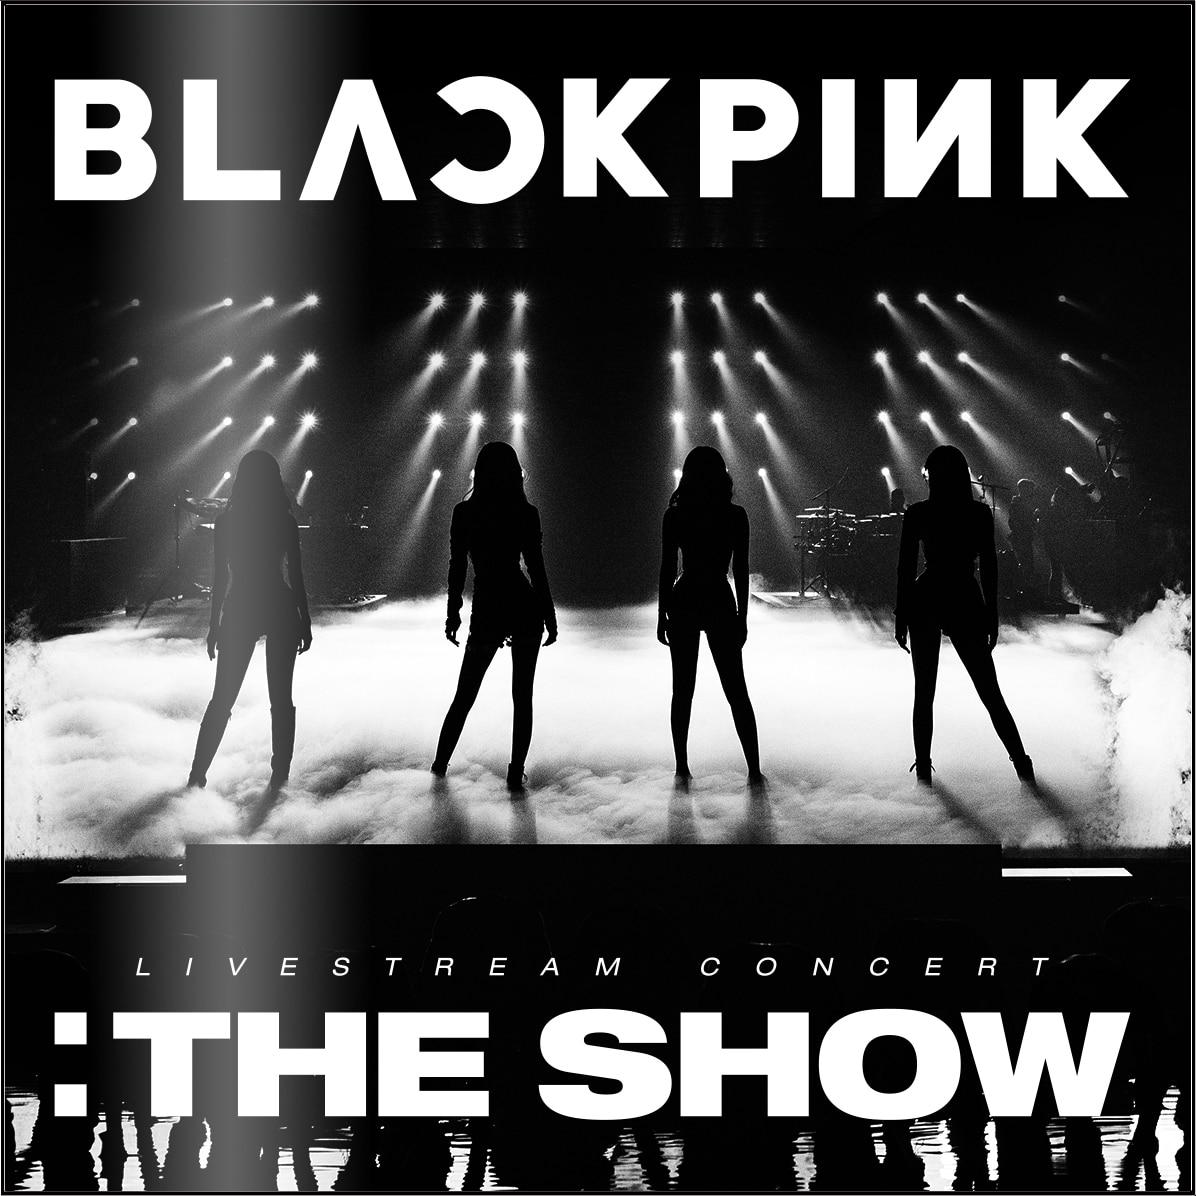 블랙핑크(BLACKPINK) - BLACKPINK 2021 [THE SHOW] KiT VIDEO케이팝스토어(kpop store)